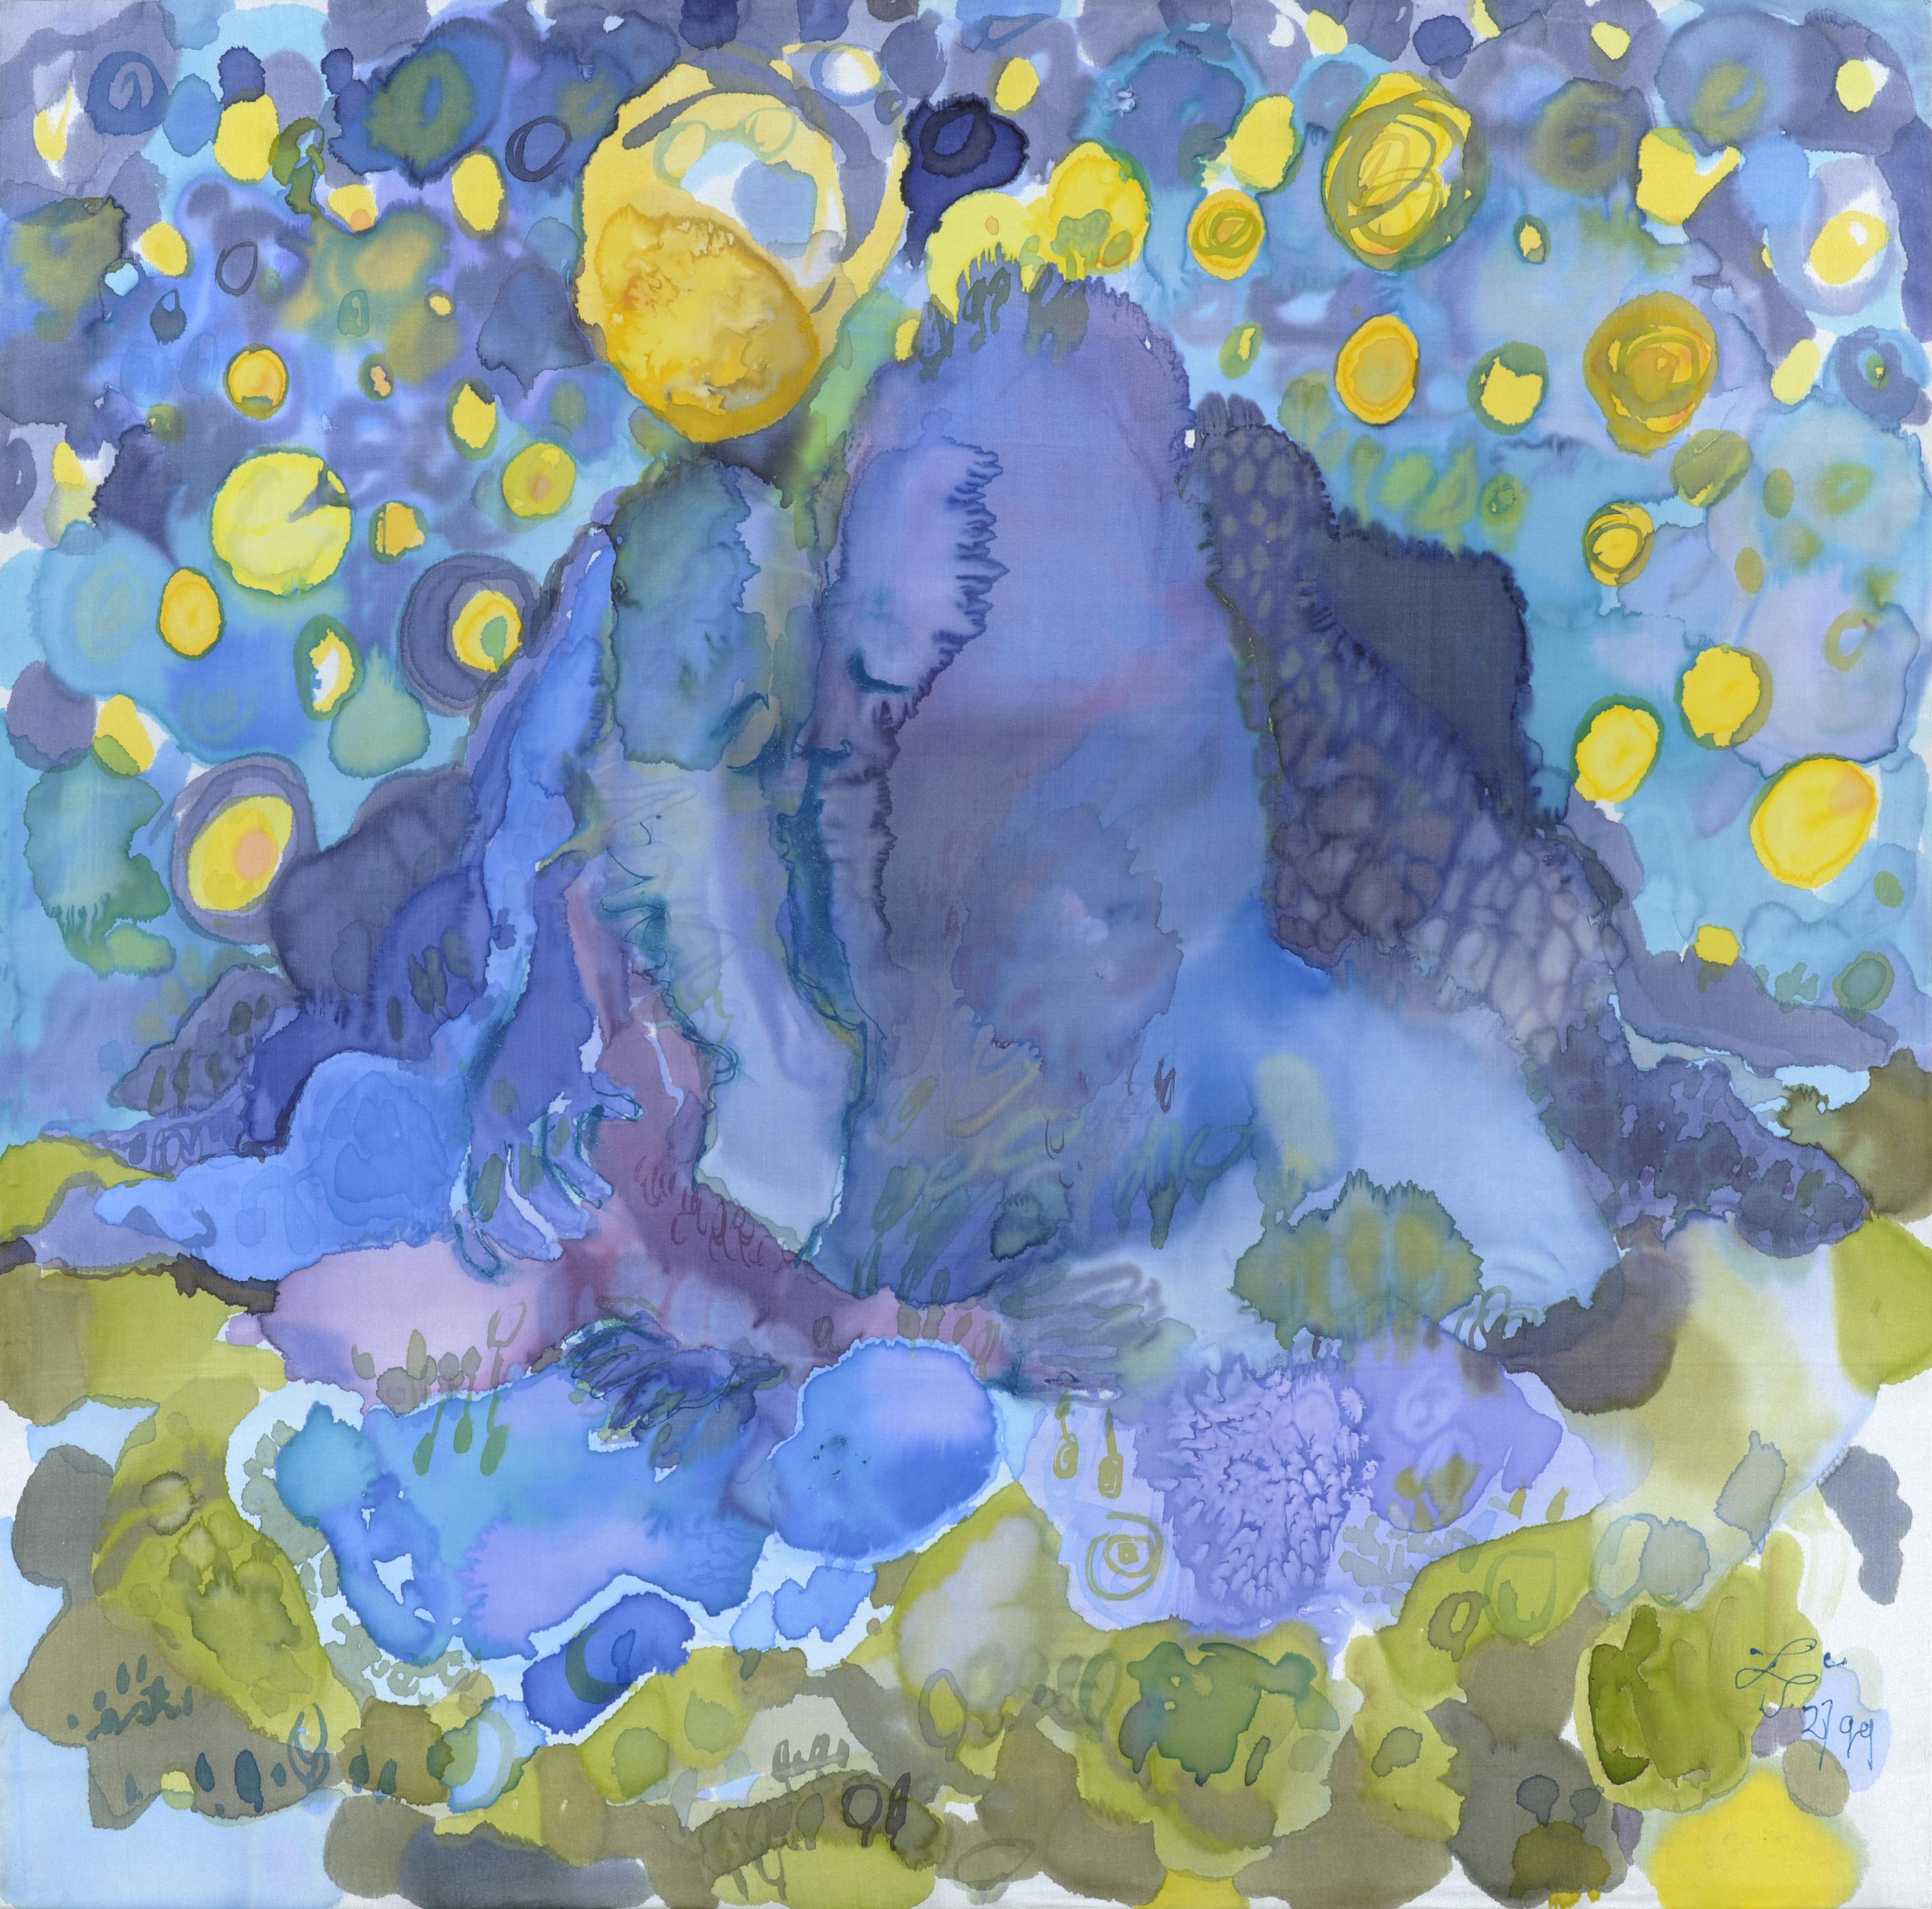 sich_umarmende_wachsensteine_aquarell_auf_seide_80x80_1999.jpg